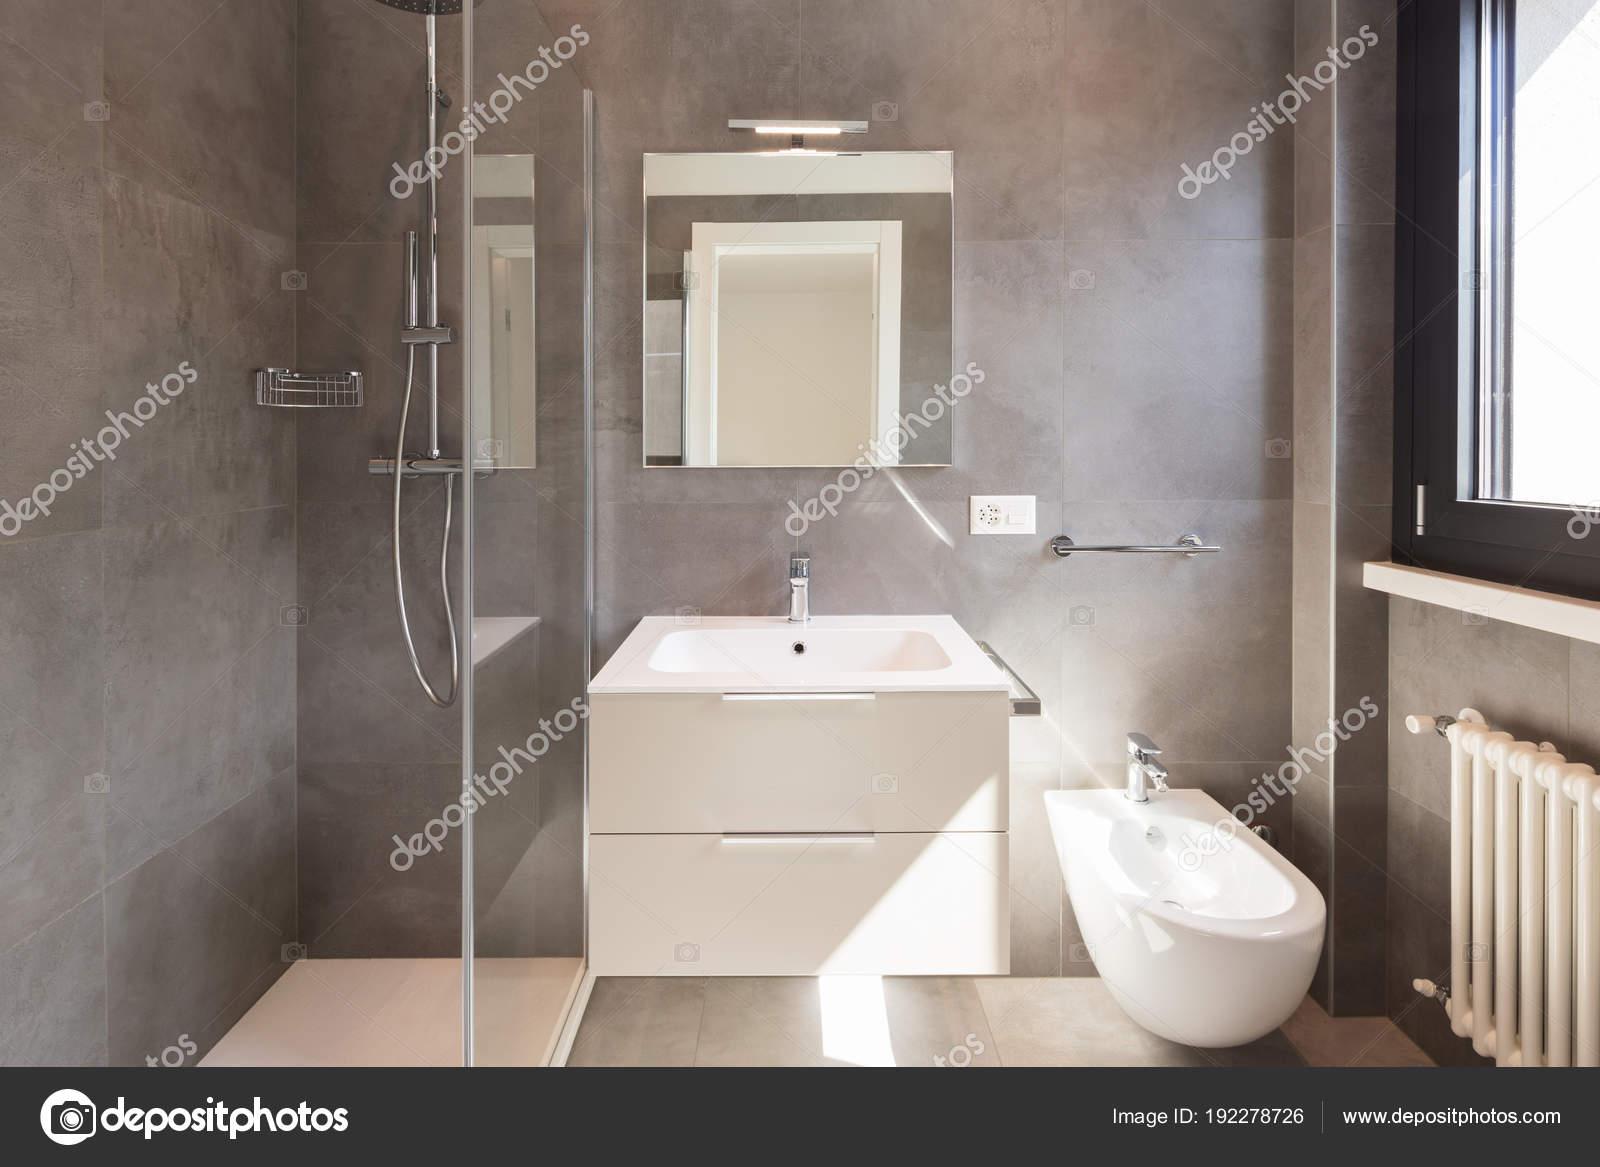 Grote Tegels Badkamer : Moderne badkamer met grote tegels u2014 stockfoto © zveiger #192278726